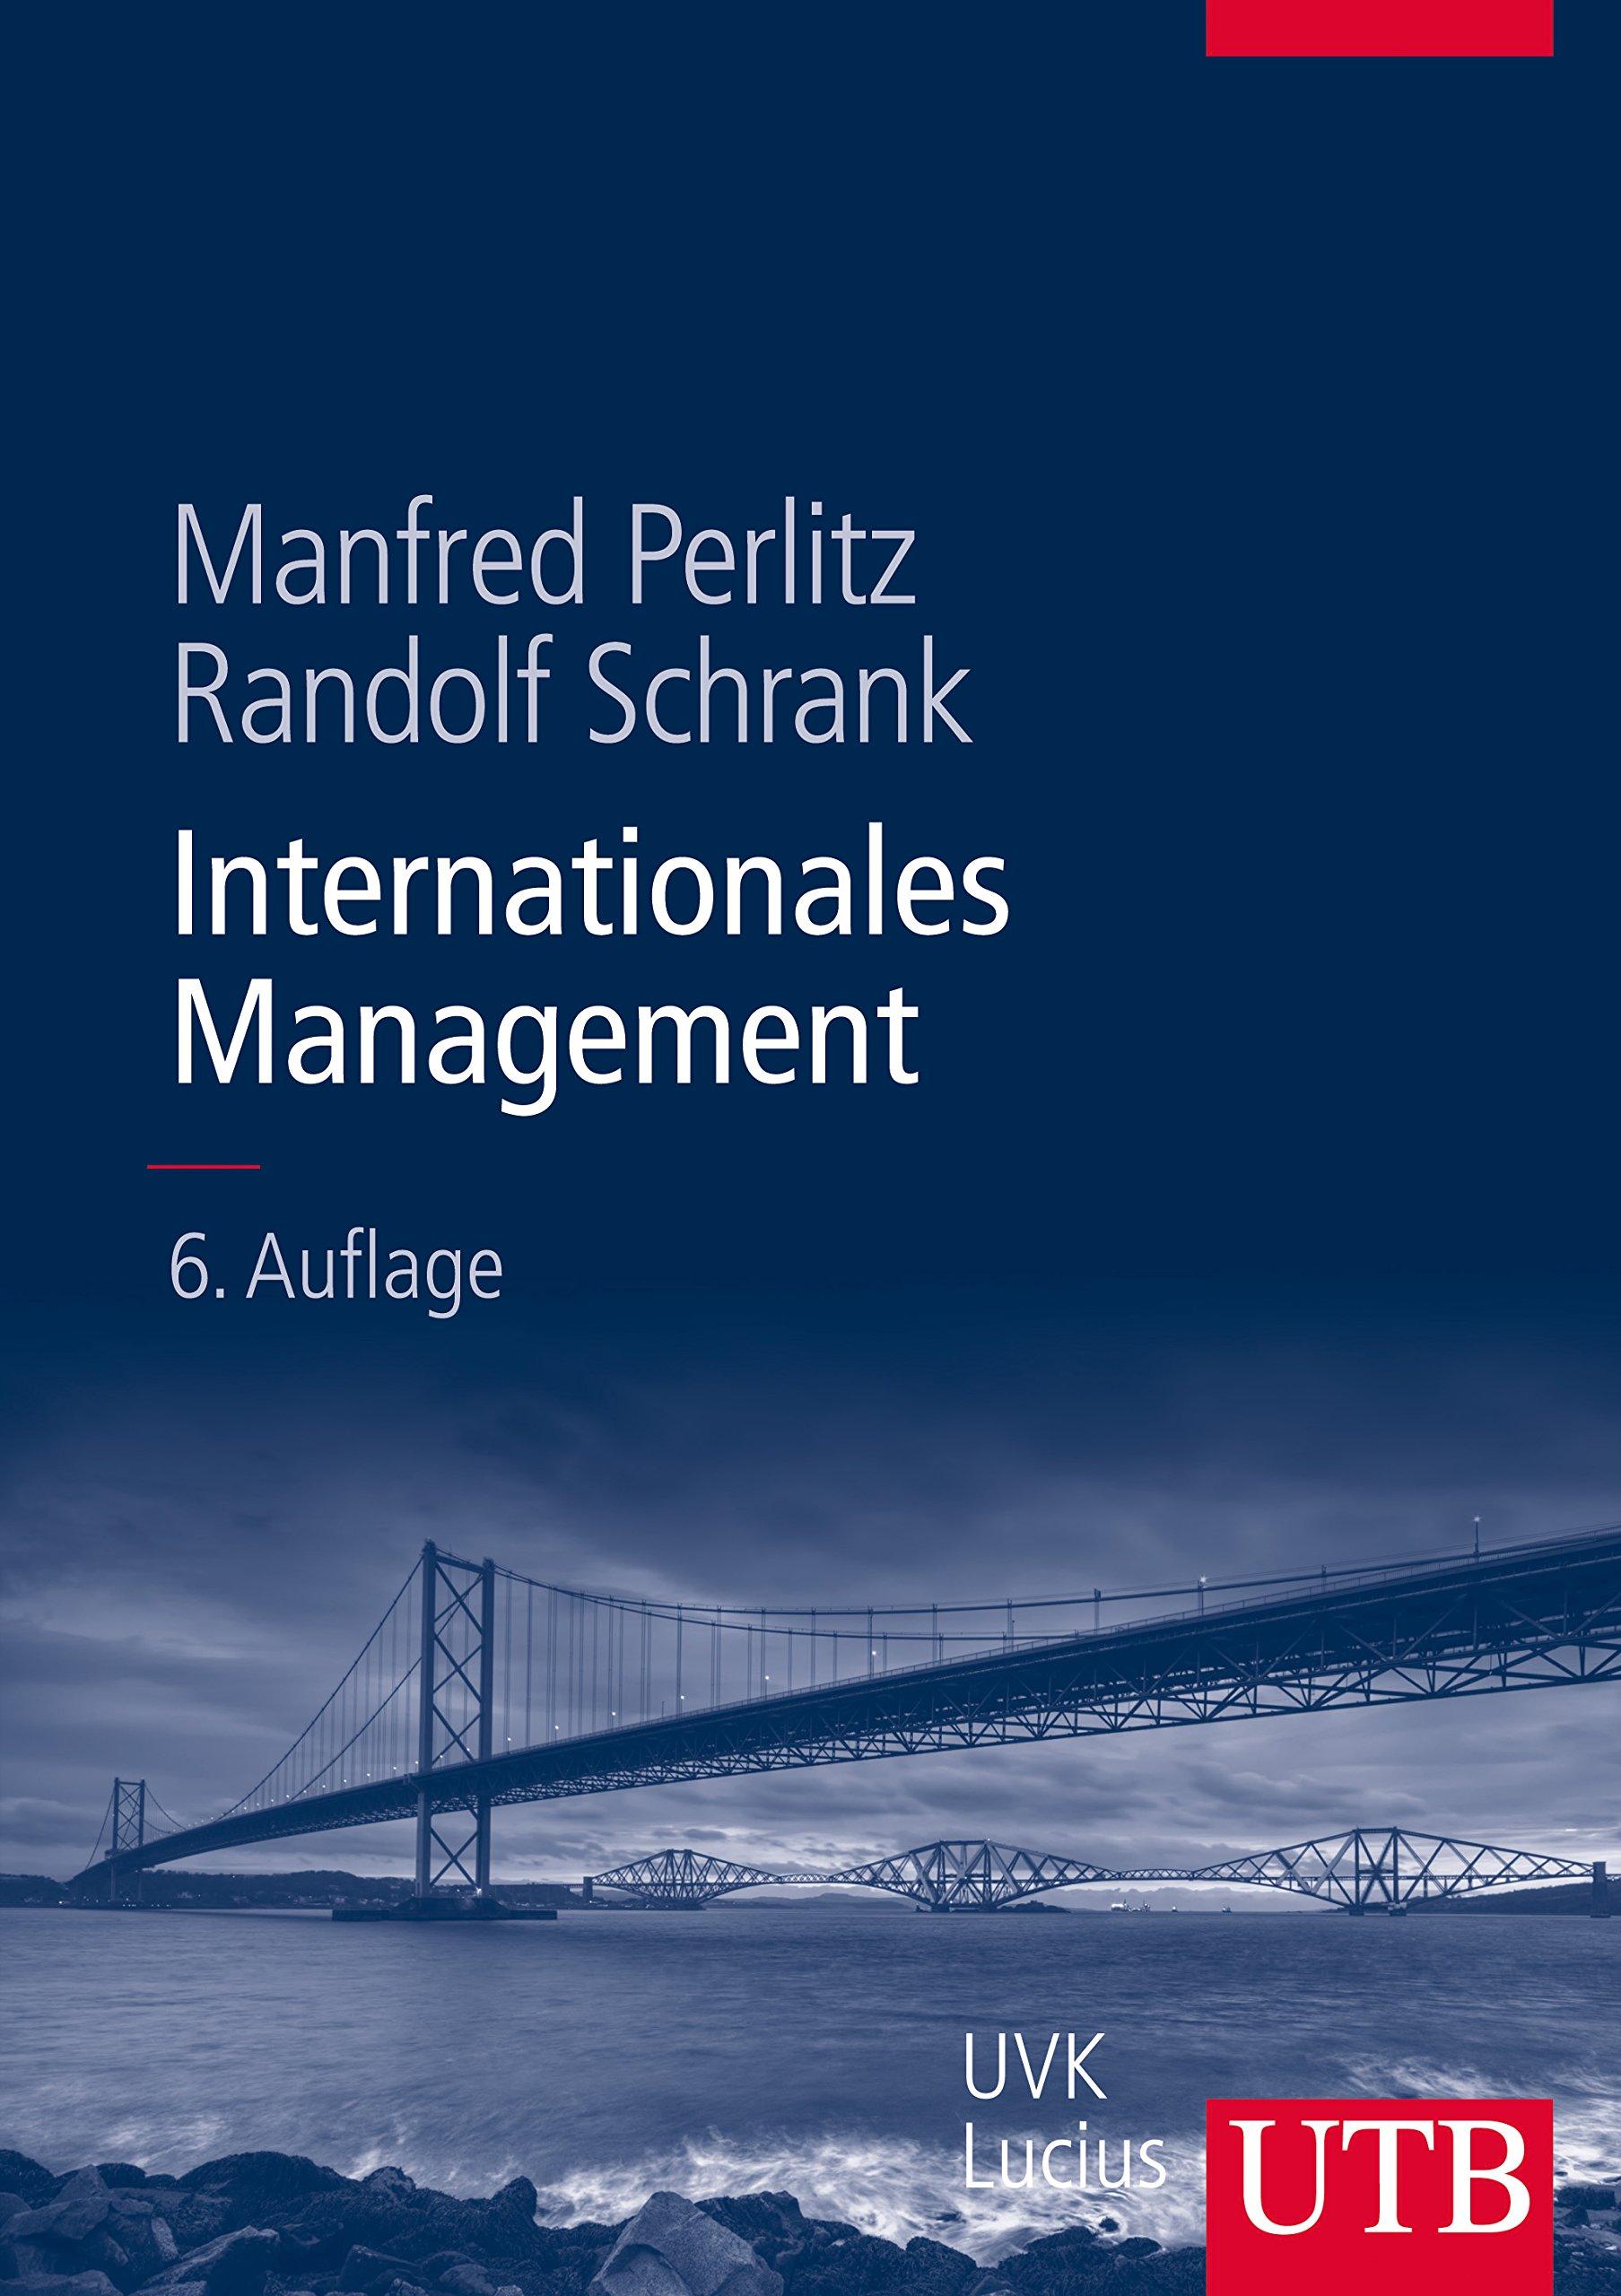 Internationales Management (Unternehmensführung, Band 8481) Gebundenes Buch – 14. August 2013 Manfred Perlitz Randolf Schrank UTB GmbH 3825284816